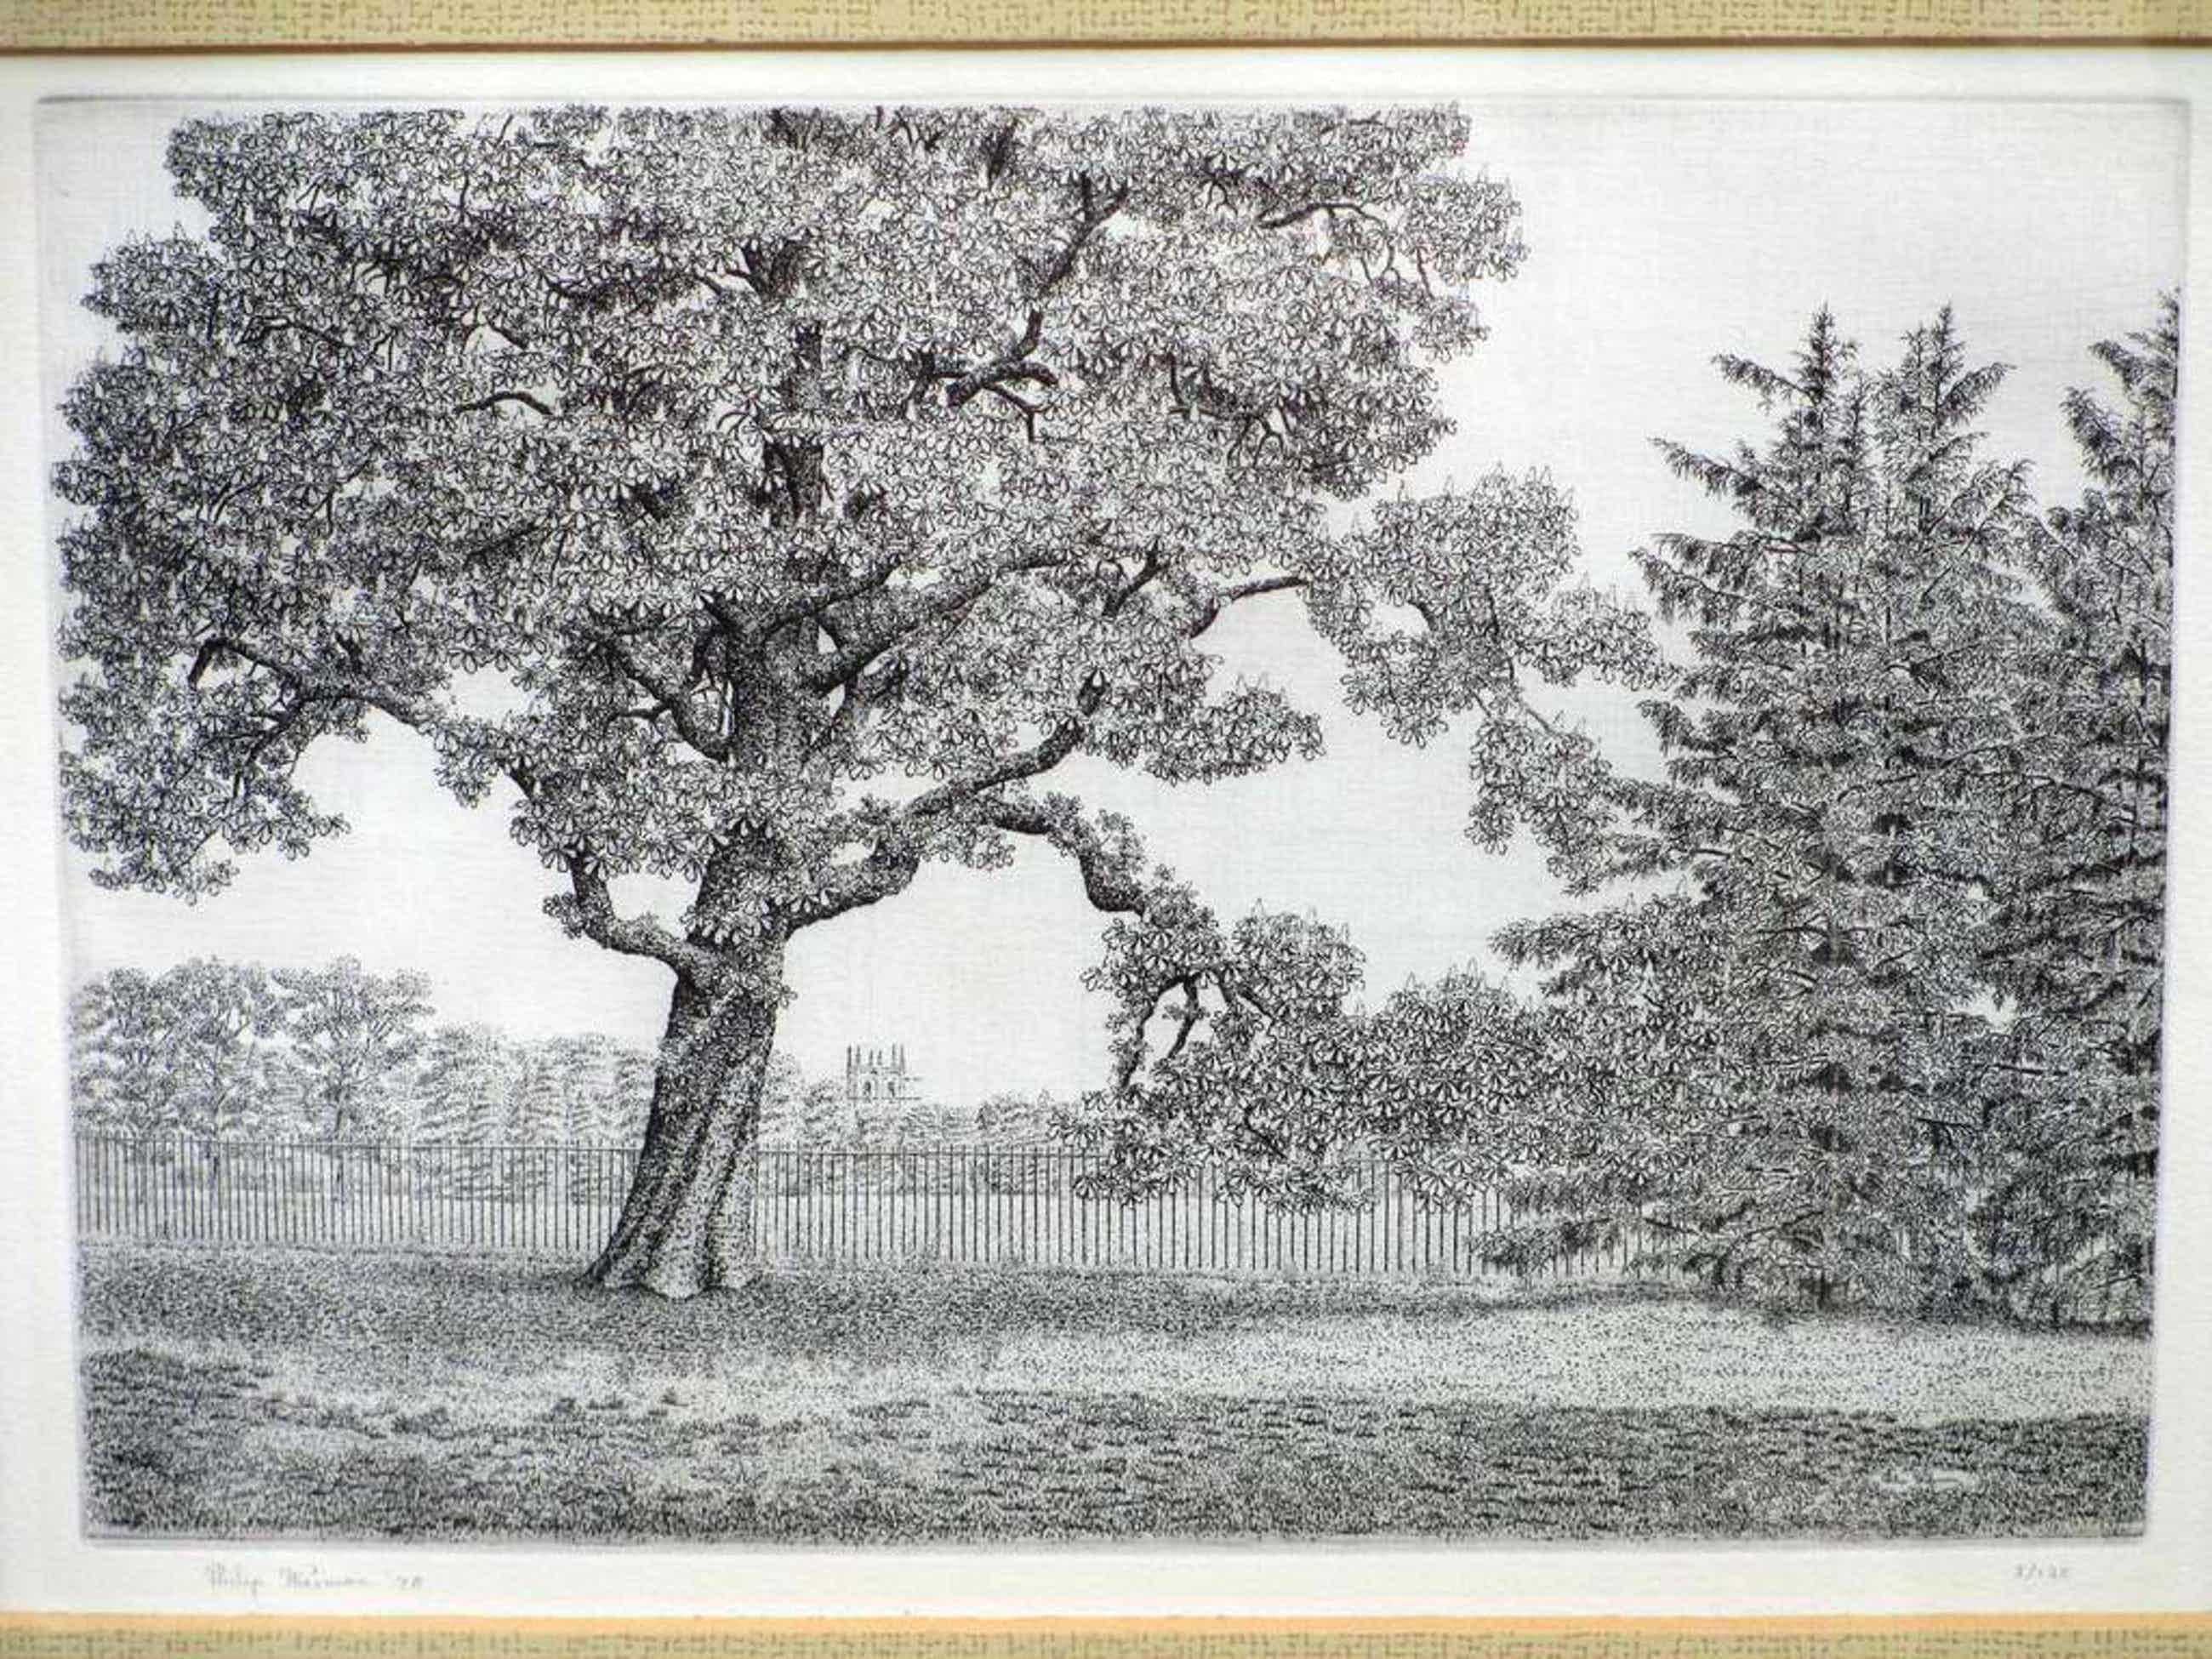 Philip Wiesman, Kastanjeboom in Engels landschap, Ets kopen? Bied vanaf 40!